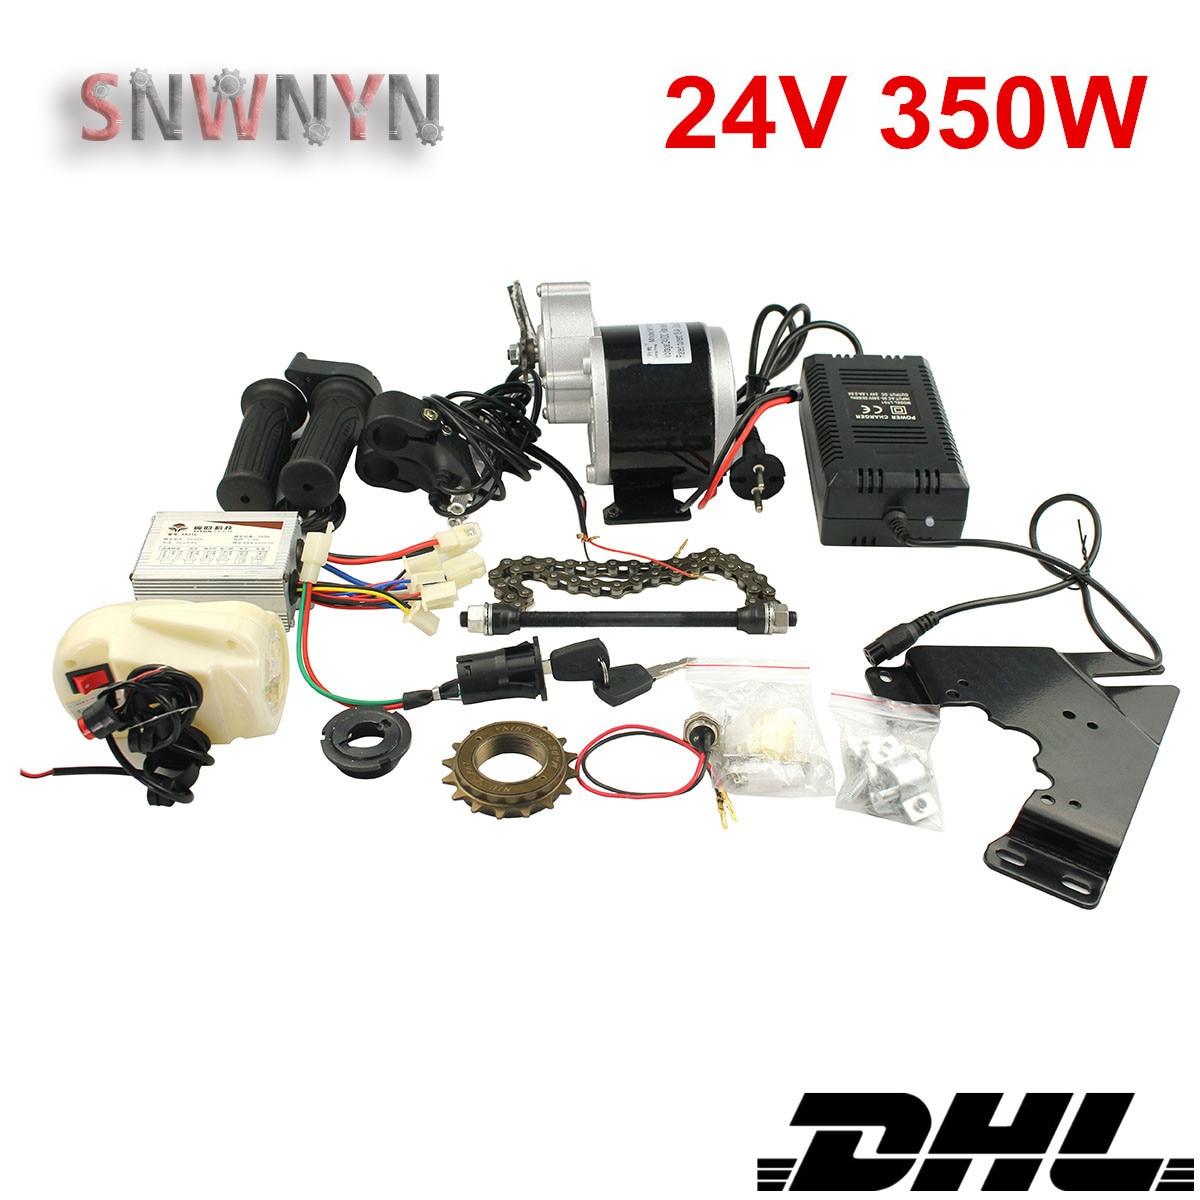 E-Bike Conversie Kit 24V 350W Elektrische Fiets Motor Conversie Kit Voor Variabele Road/Mountain Fiets MY1016Z2